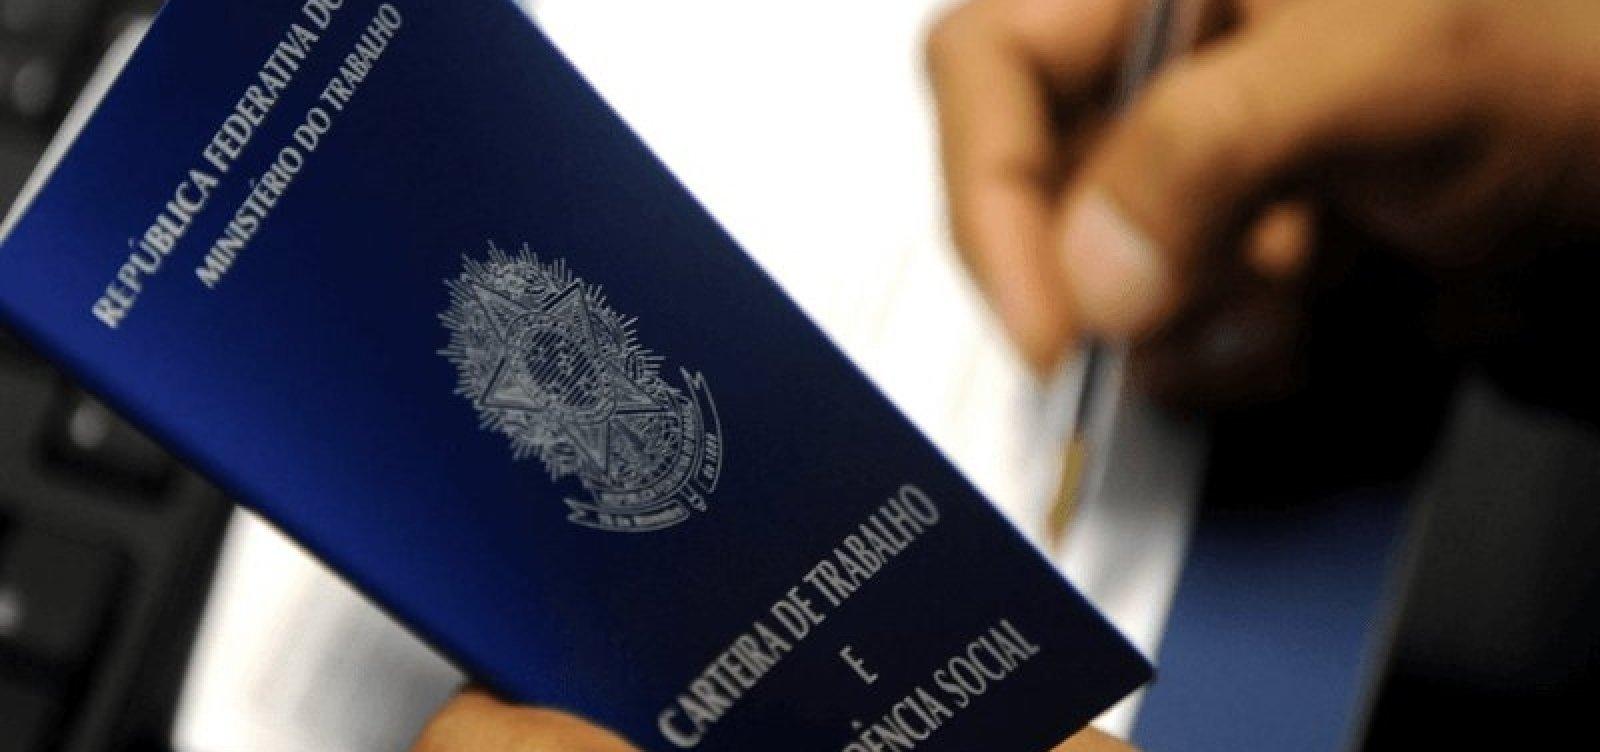 Brasil gerou 1,5 milhão empregos formais no primeiro semestre deste ano